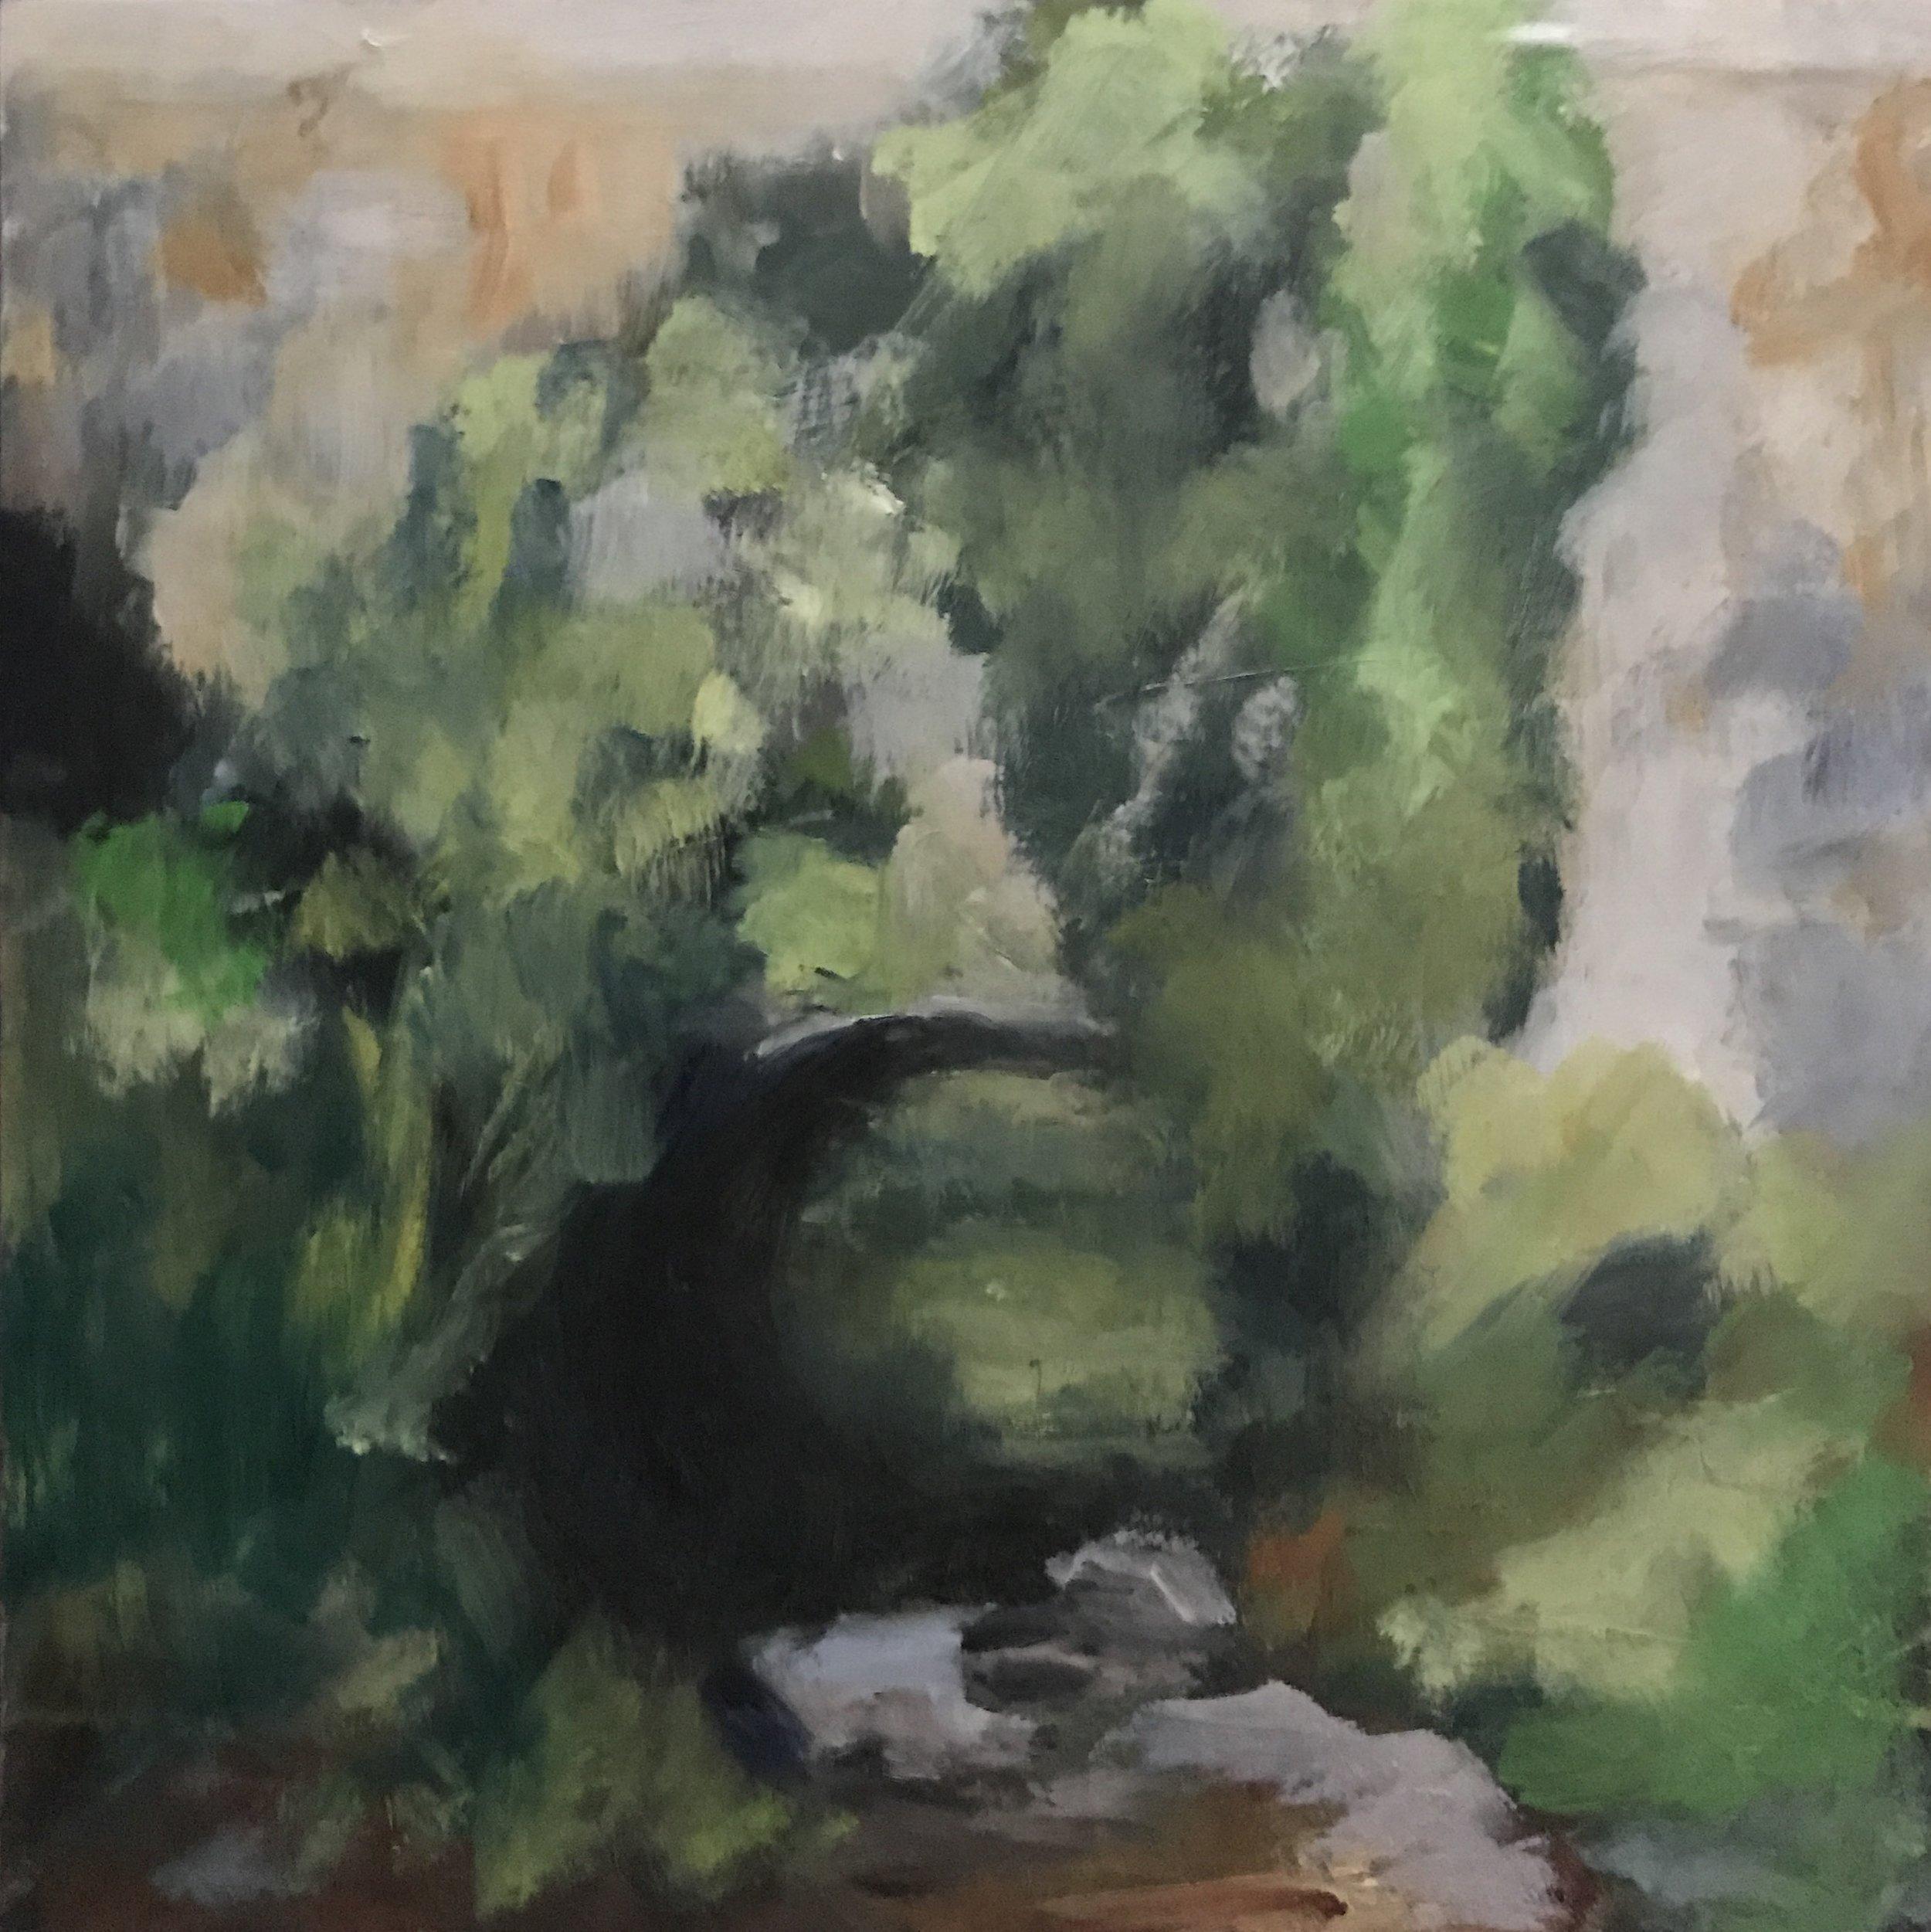 """Creek at St. David's Church, Oil on Board, 6x6"""""""